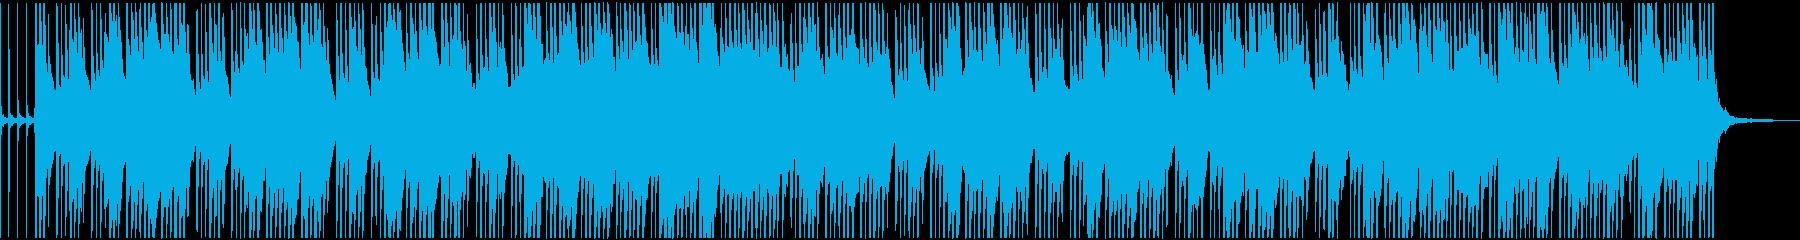 リラックス・アコギの落ち着いたBGMの再生済みの波形